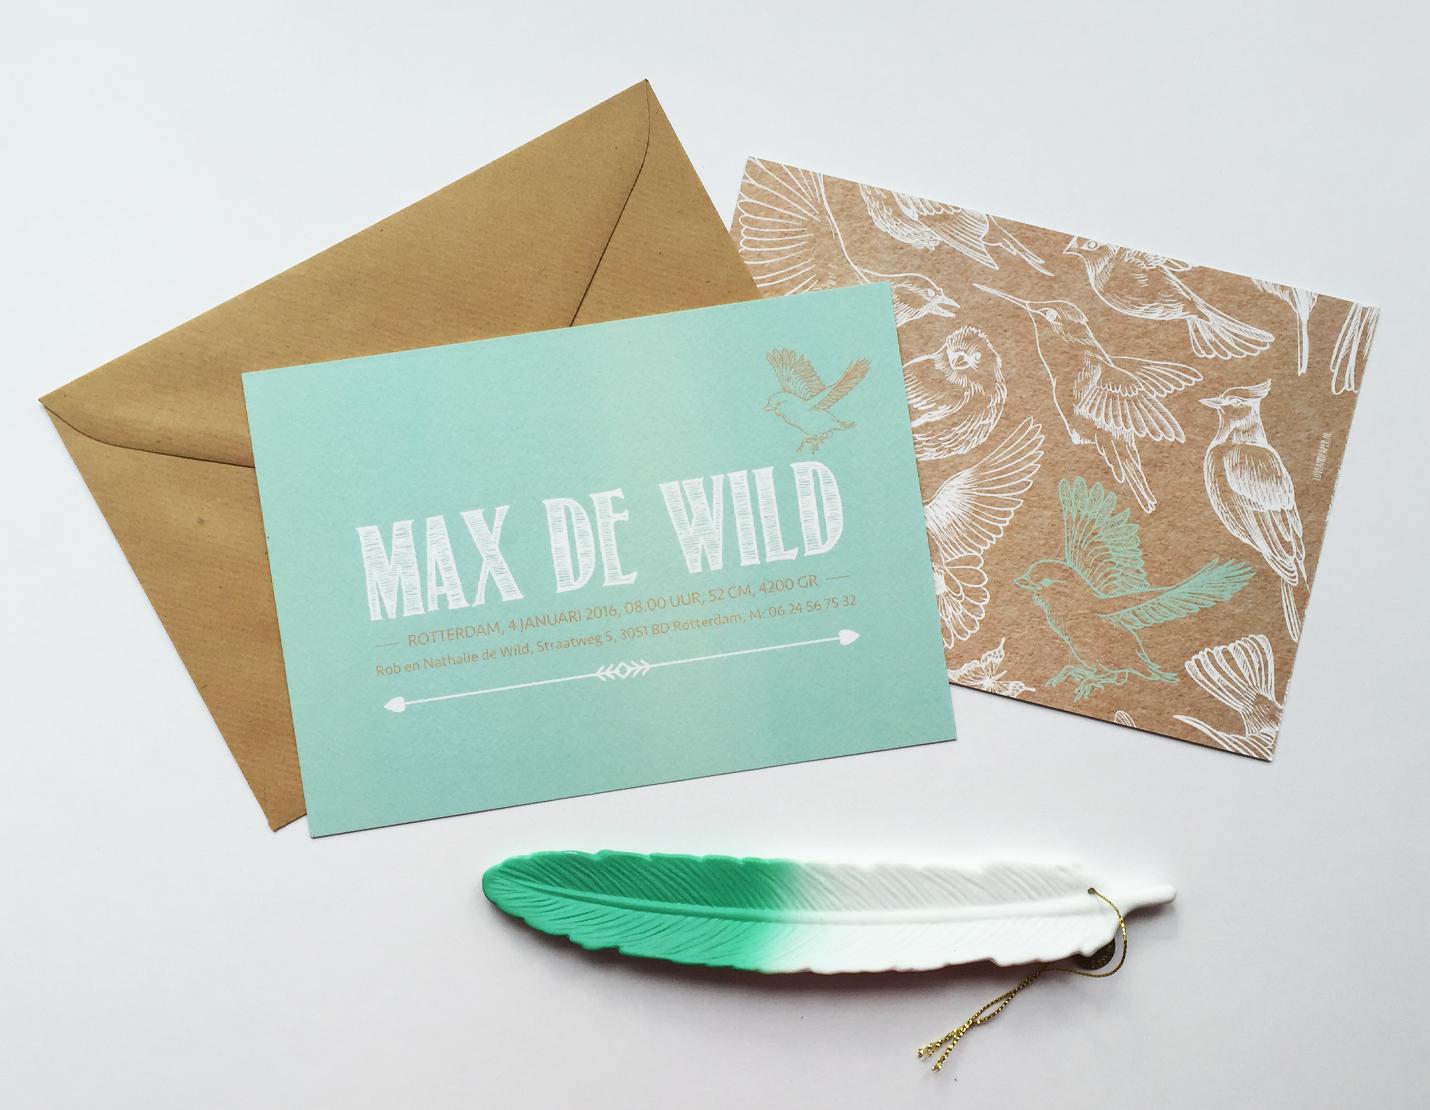 kraft envelop met mintgroen kaartje met vogels